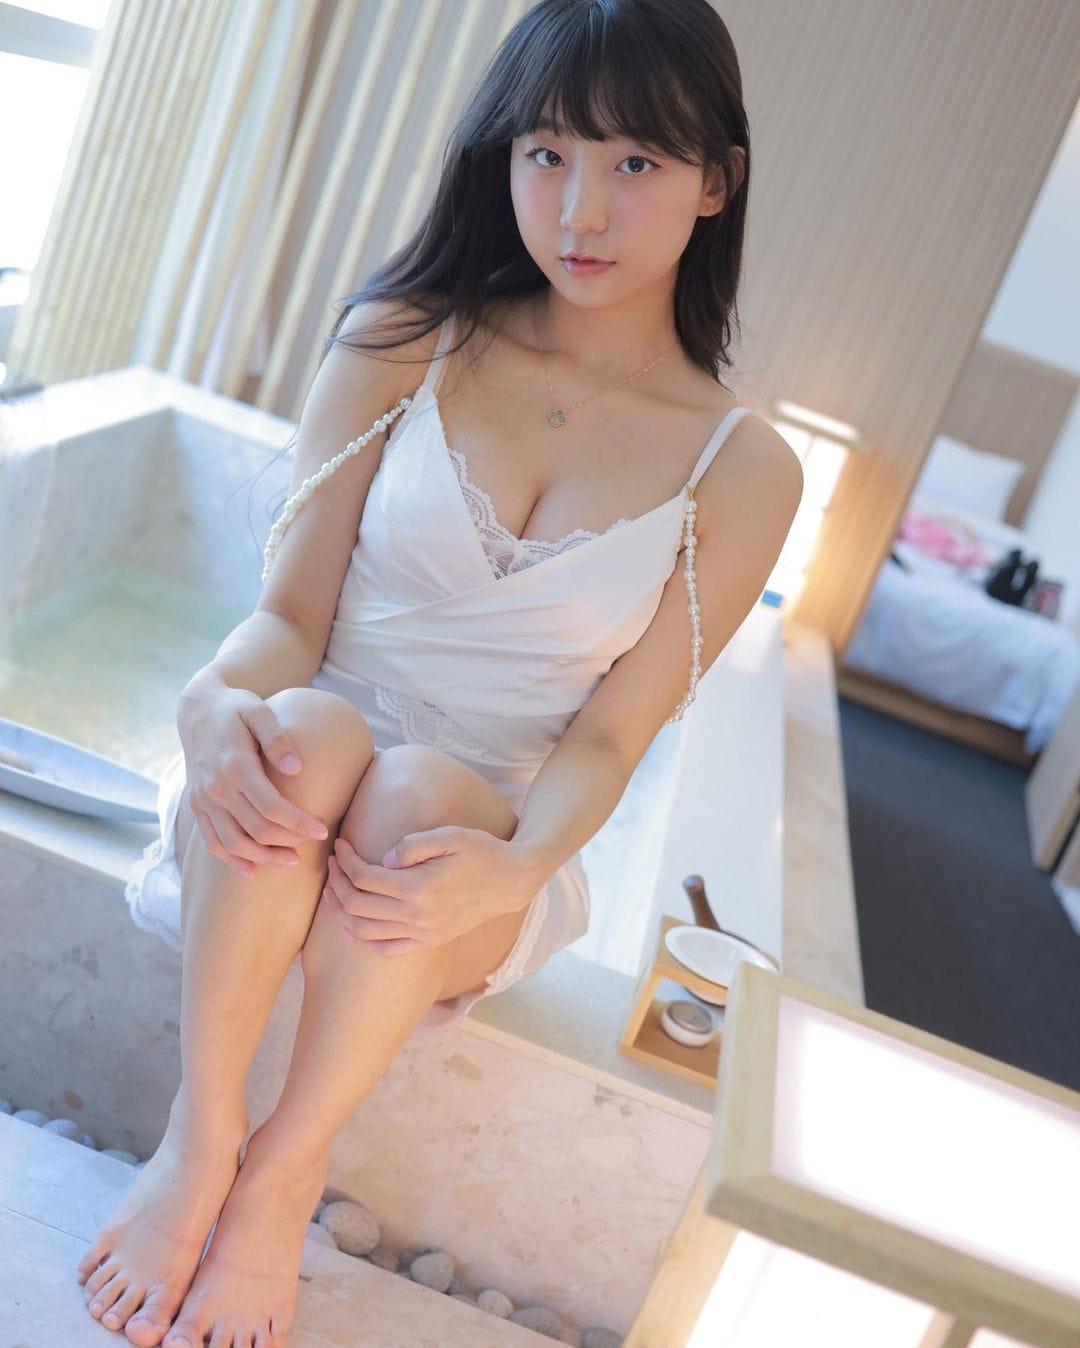 ピョ・ウンジ「シュミーズ姿にドキっ」ホテルとのタイアップでセクシーにお部屋紹介【画像6枚】の画像003